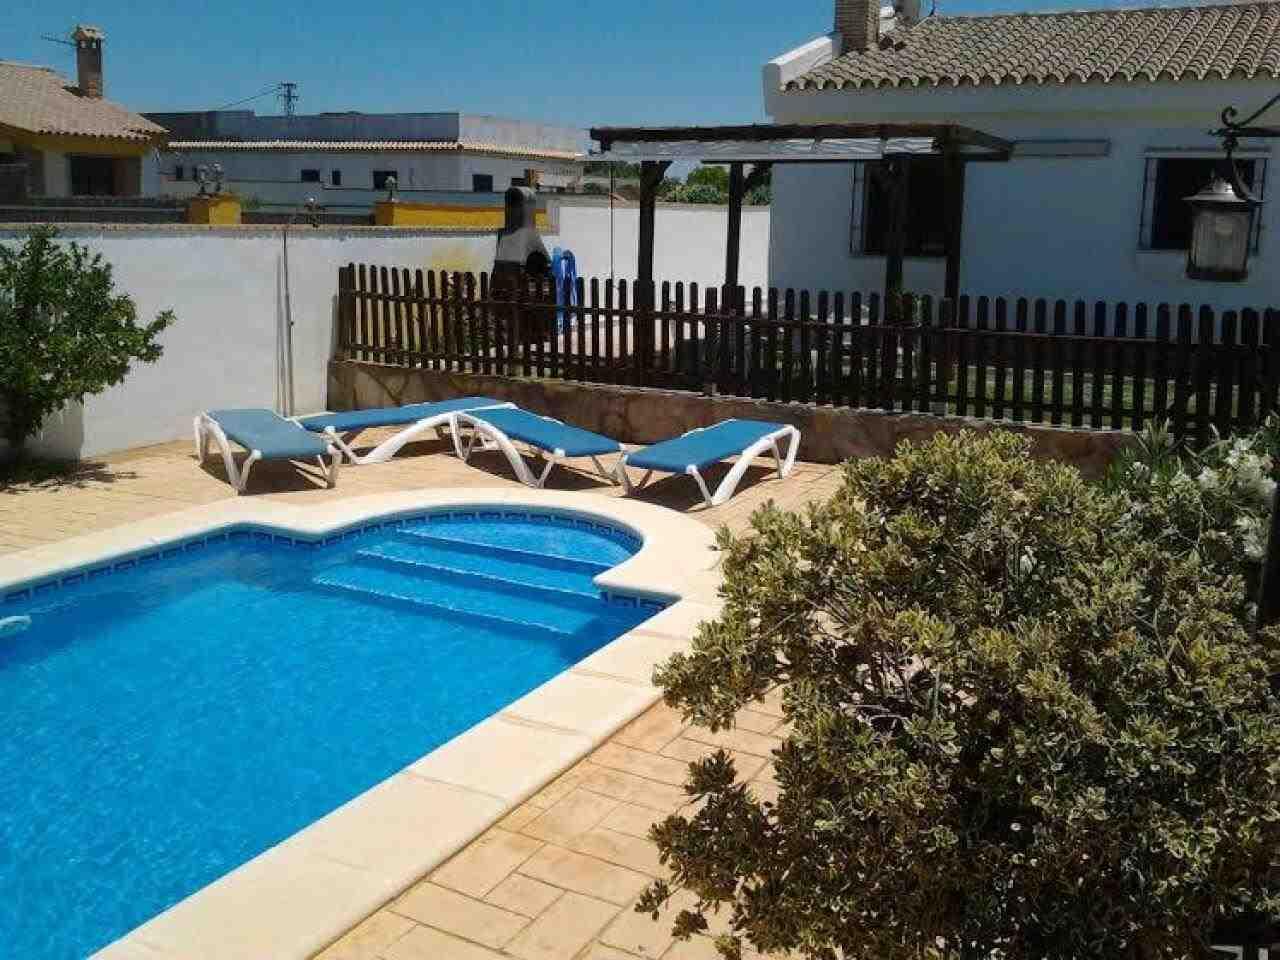 Apartamento barato para vacaciones Conil de la Frontera, Cádiz